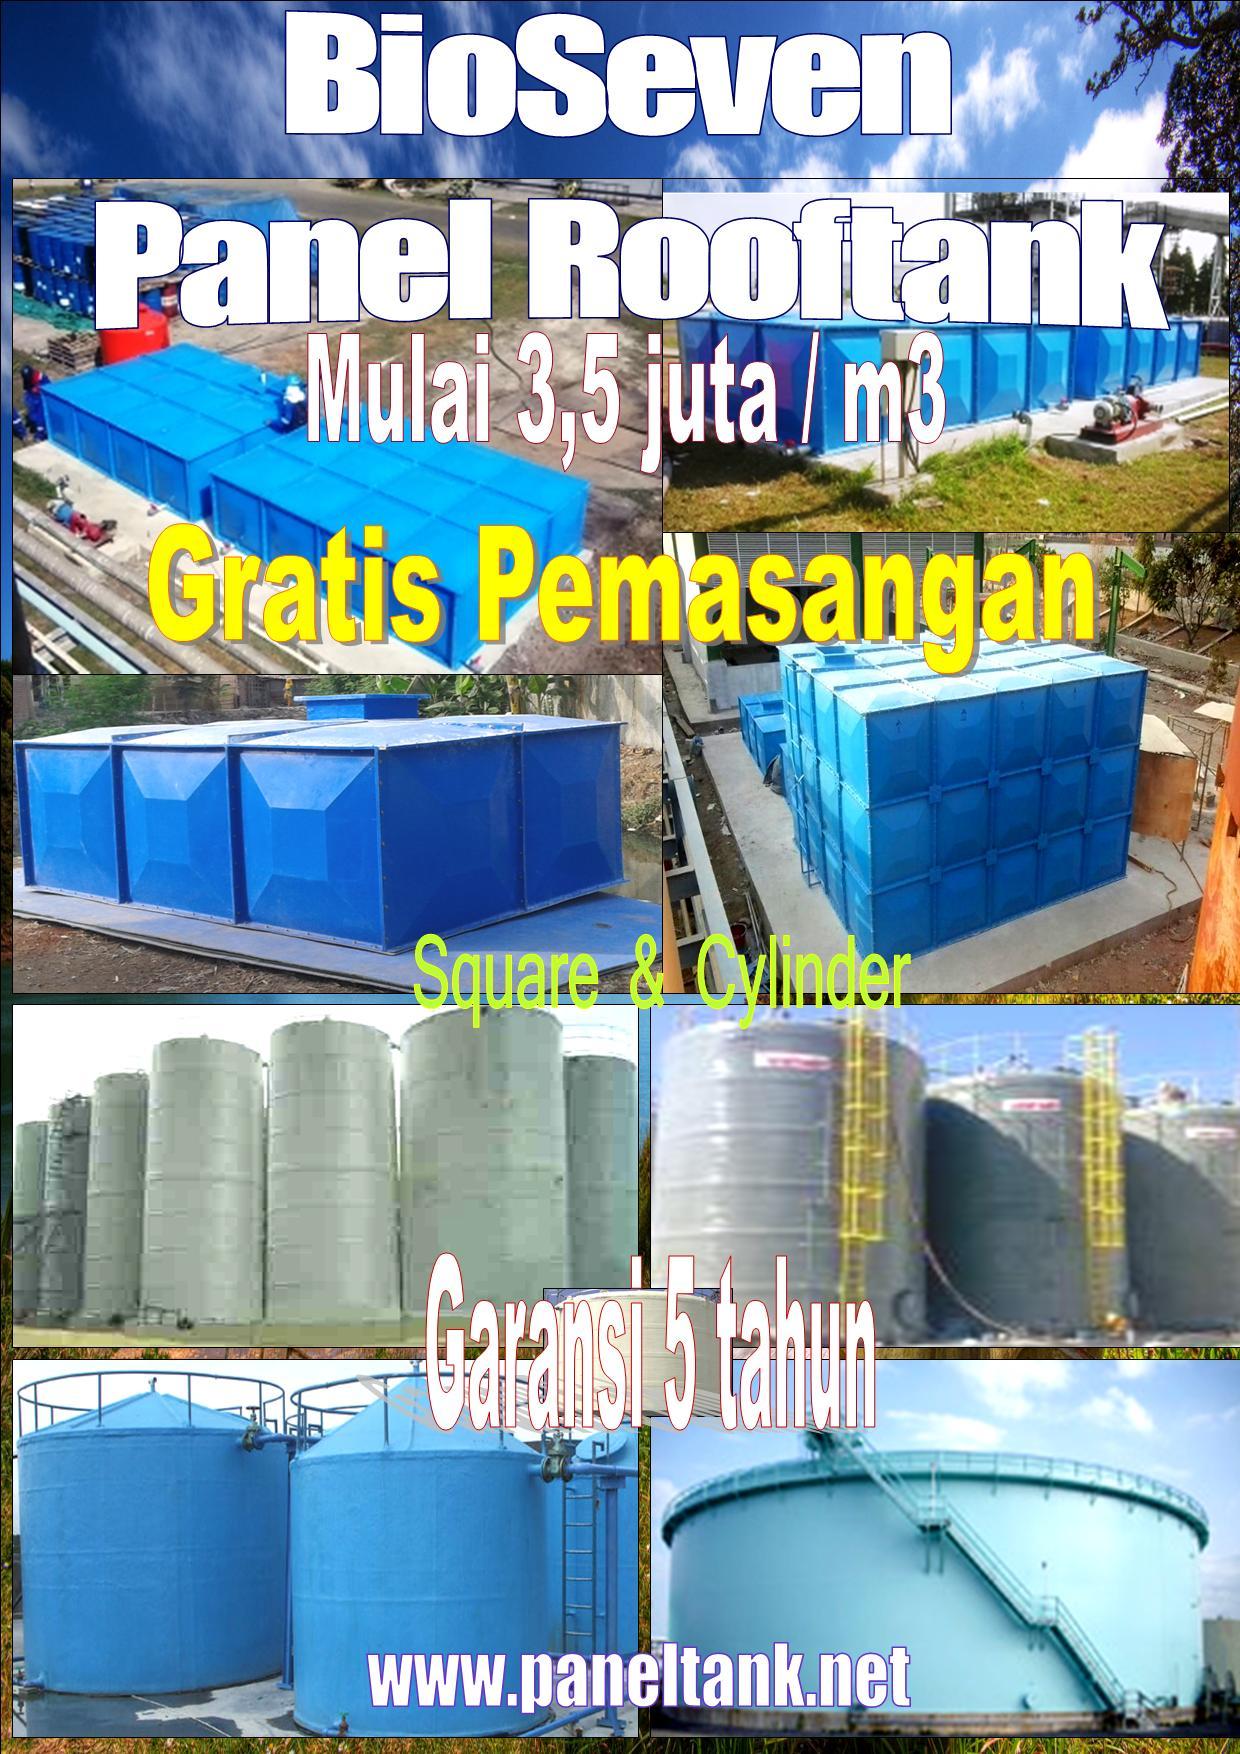 Produk_Tangki Panel Roof Tank1